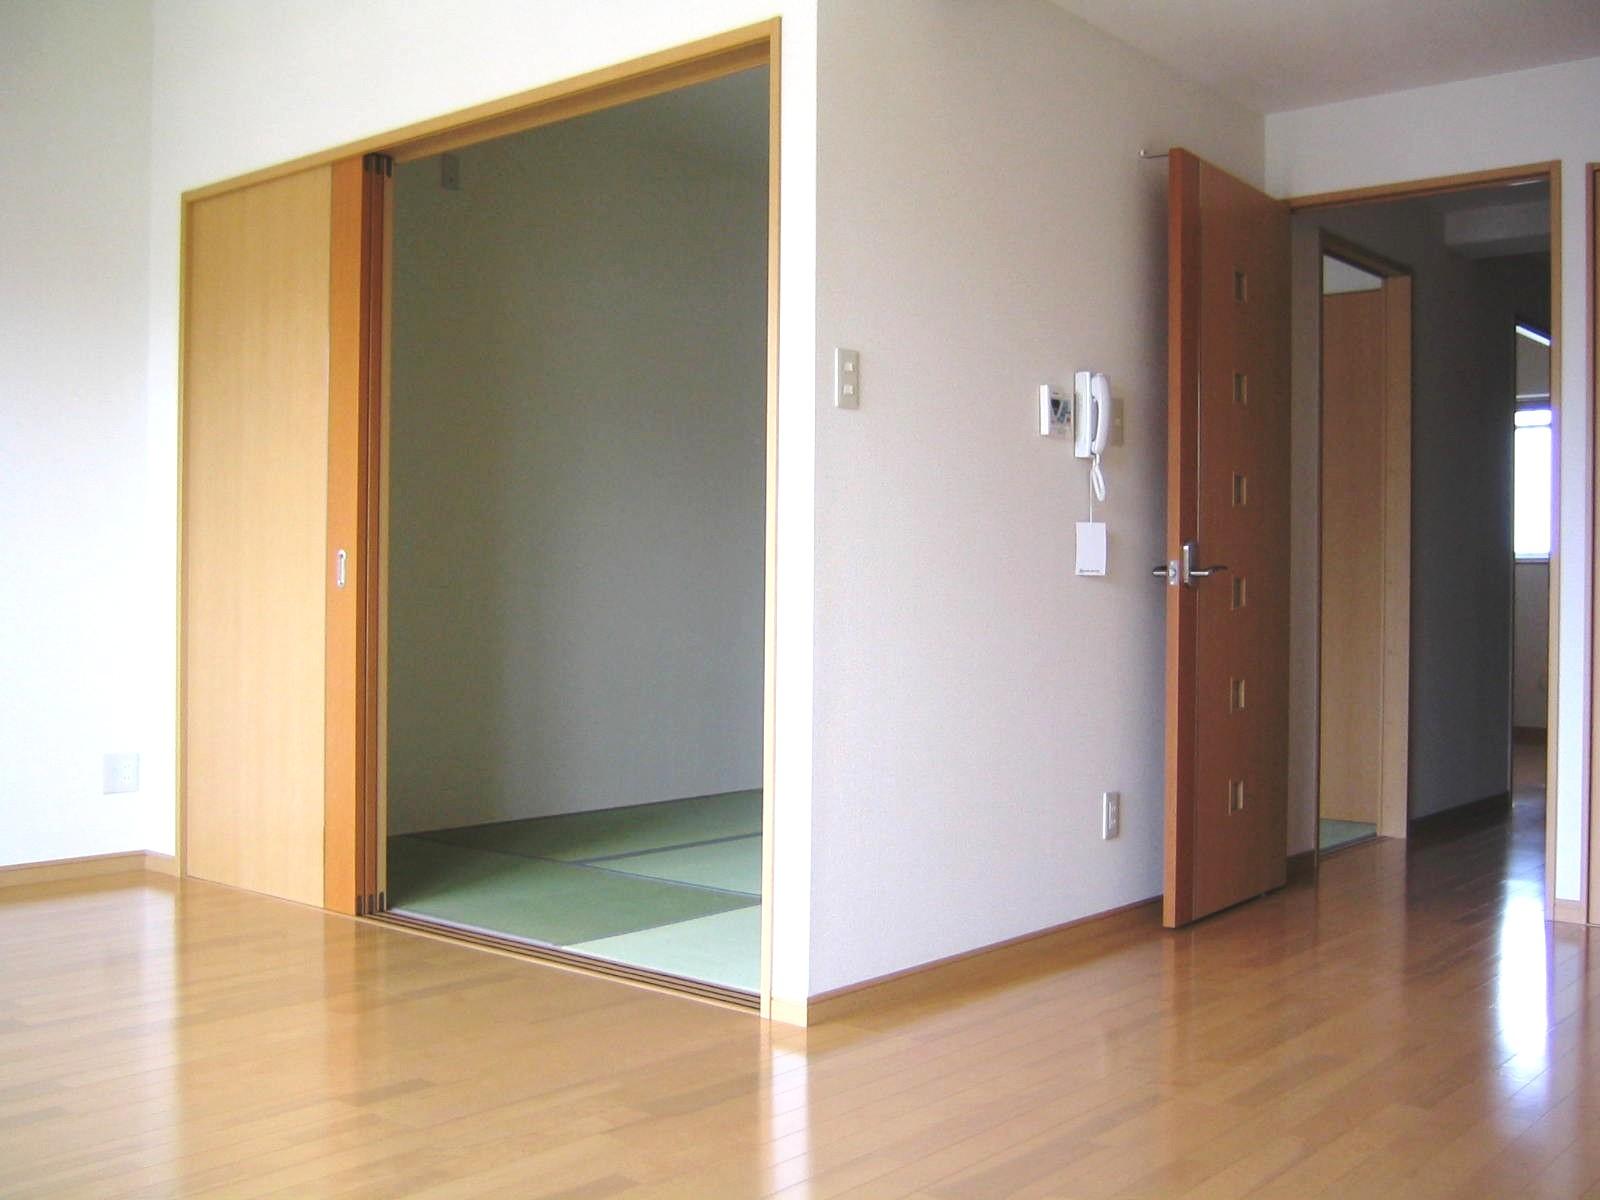 パルミエールきむら(2~4F)2号タイプ-室内②